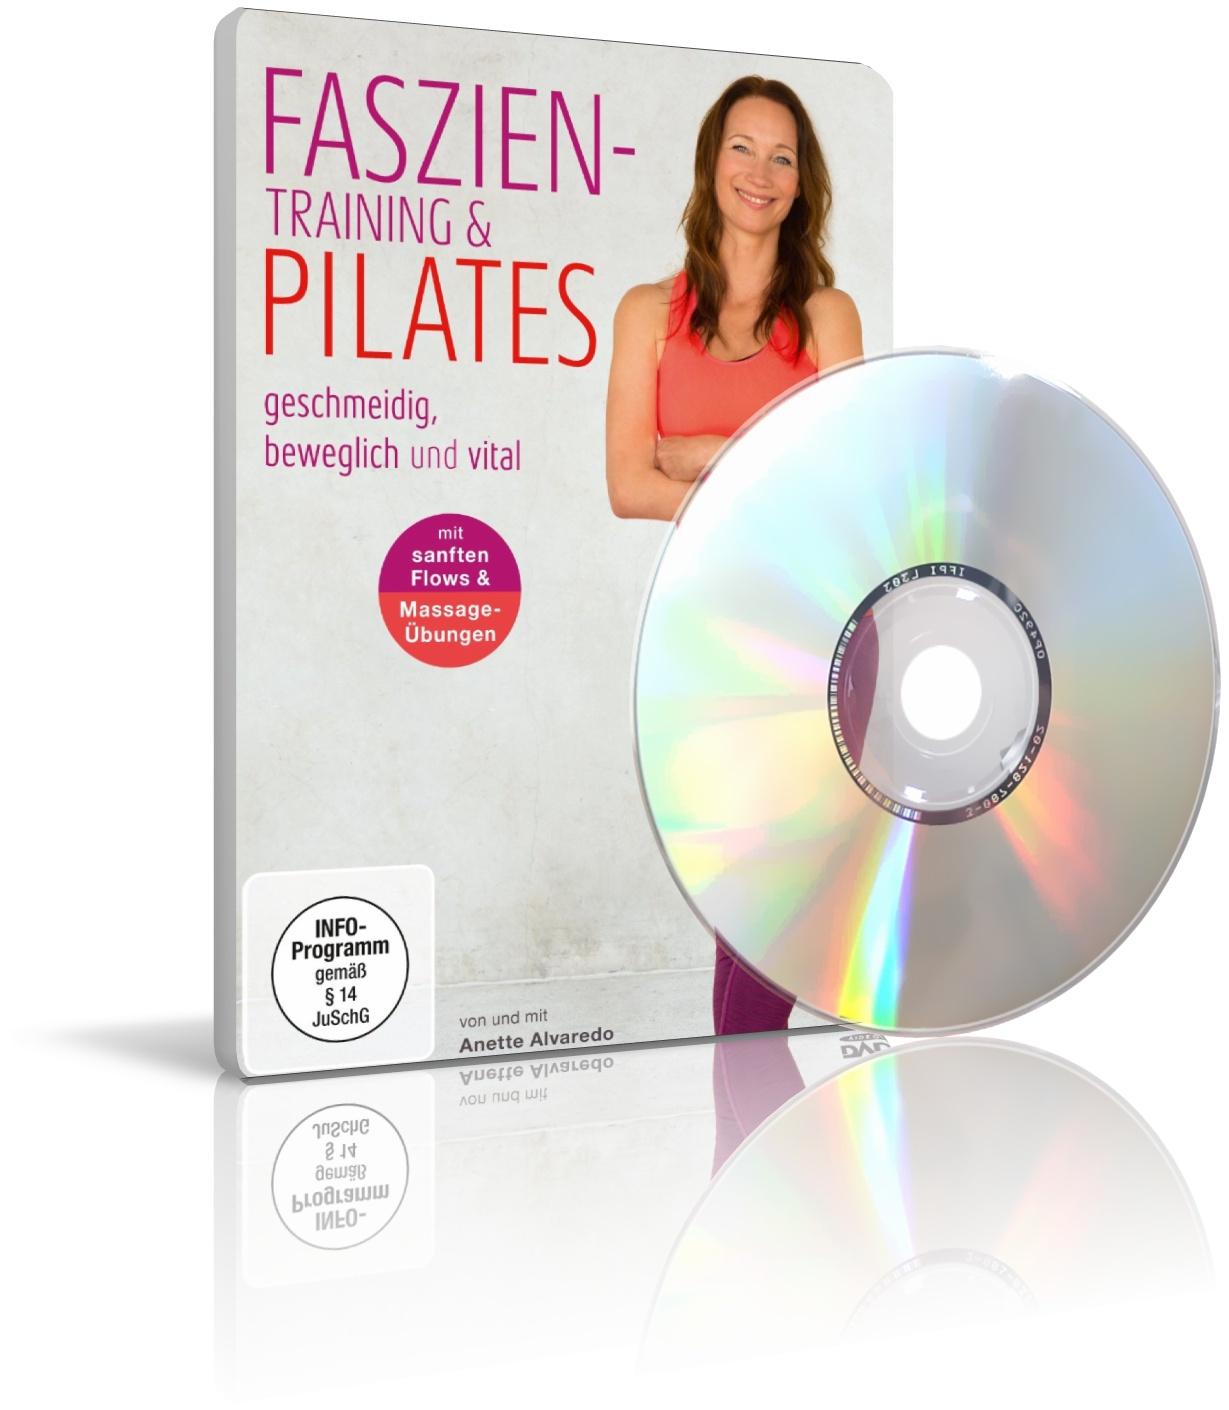 Faszien-Training & Pilates von und mit Anette Alvaredo (DVD)